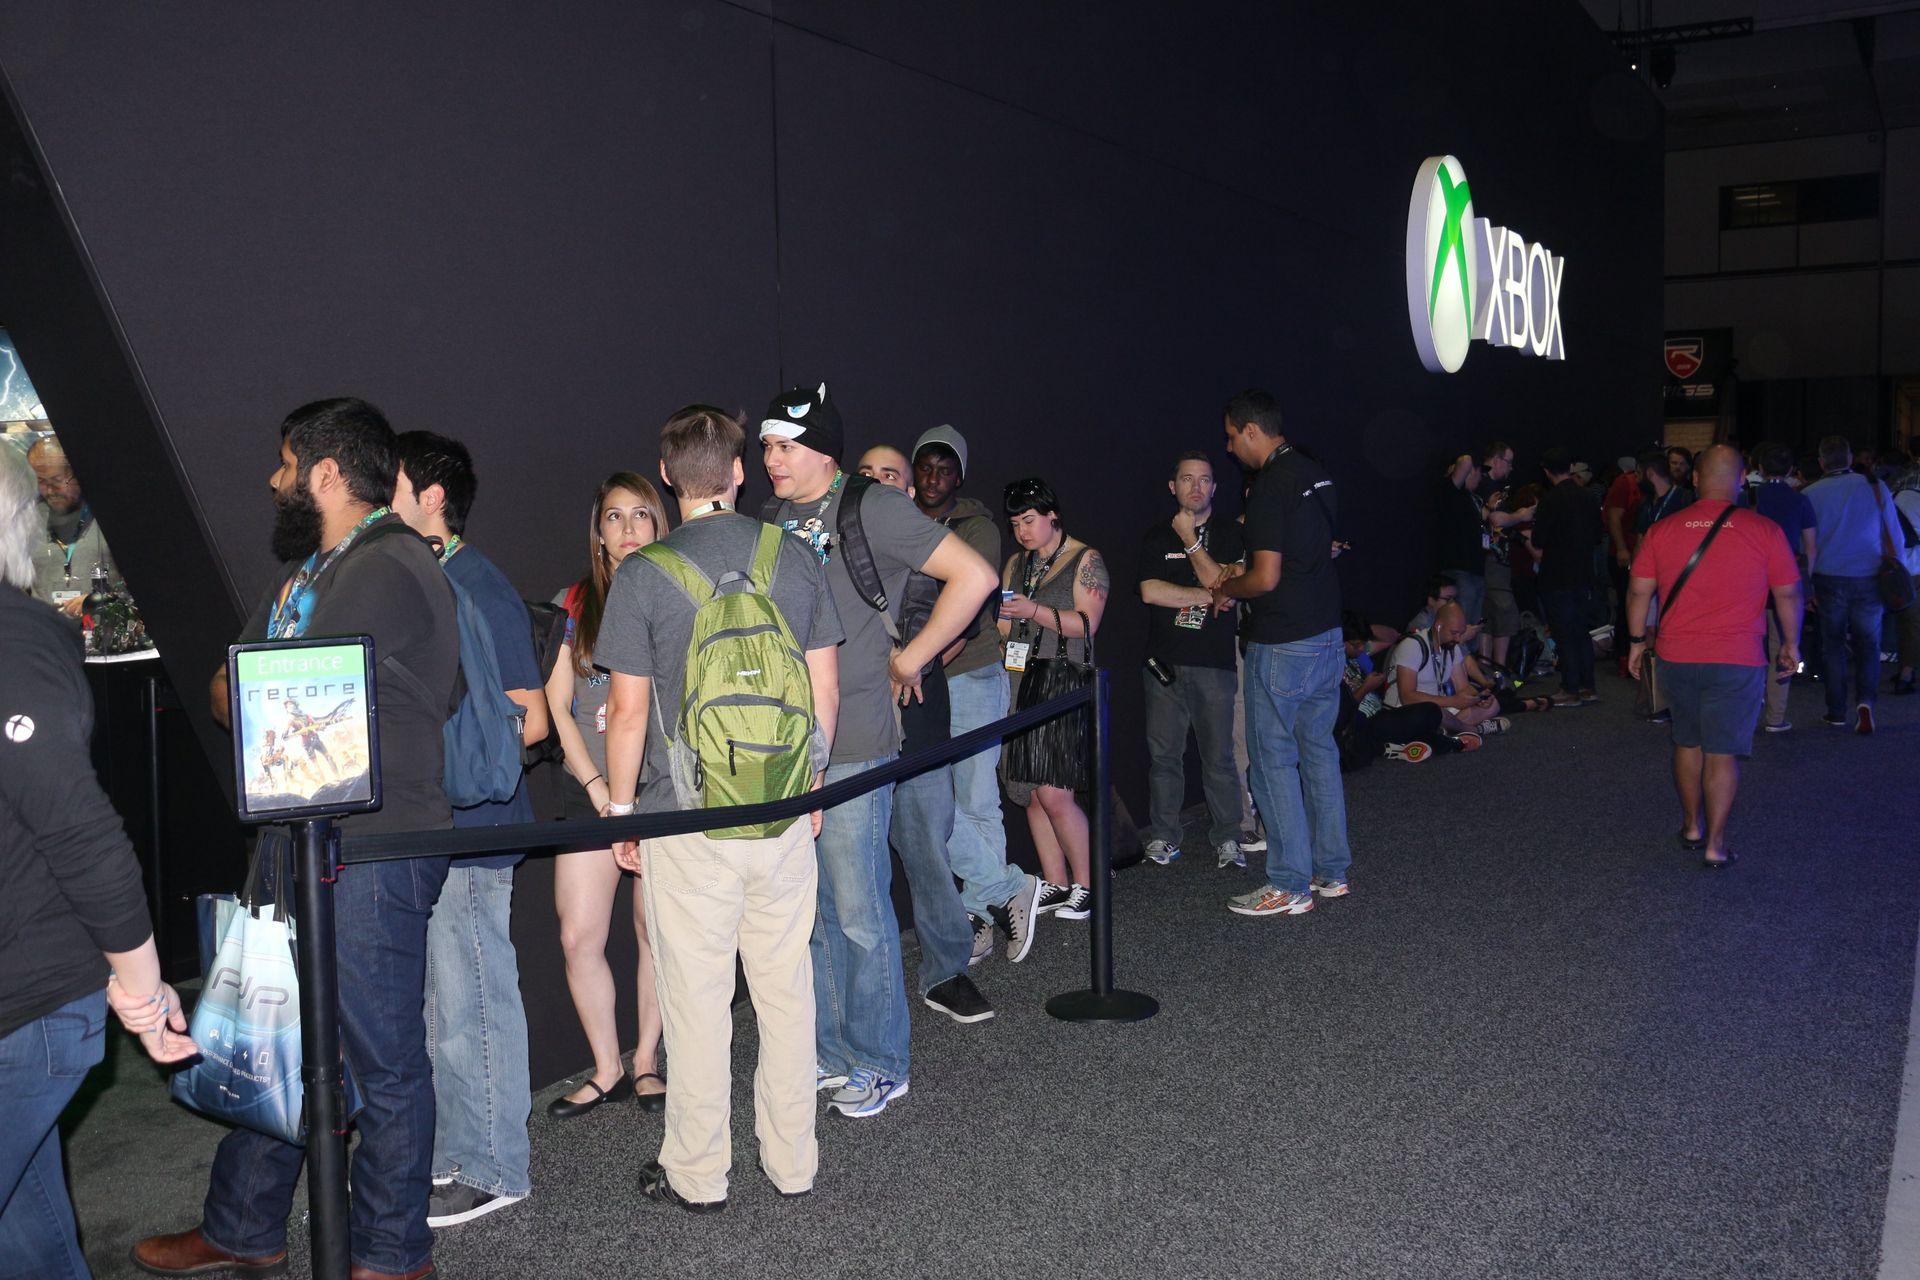 Xboxの「ReCore」コーナー12台の試遊台が用意されていたが、常時数時間待ちの人気だった